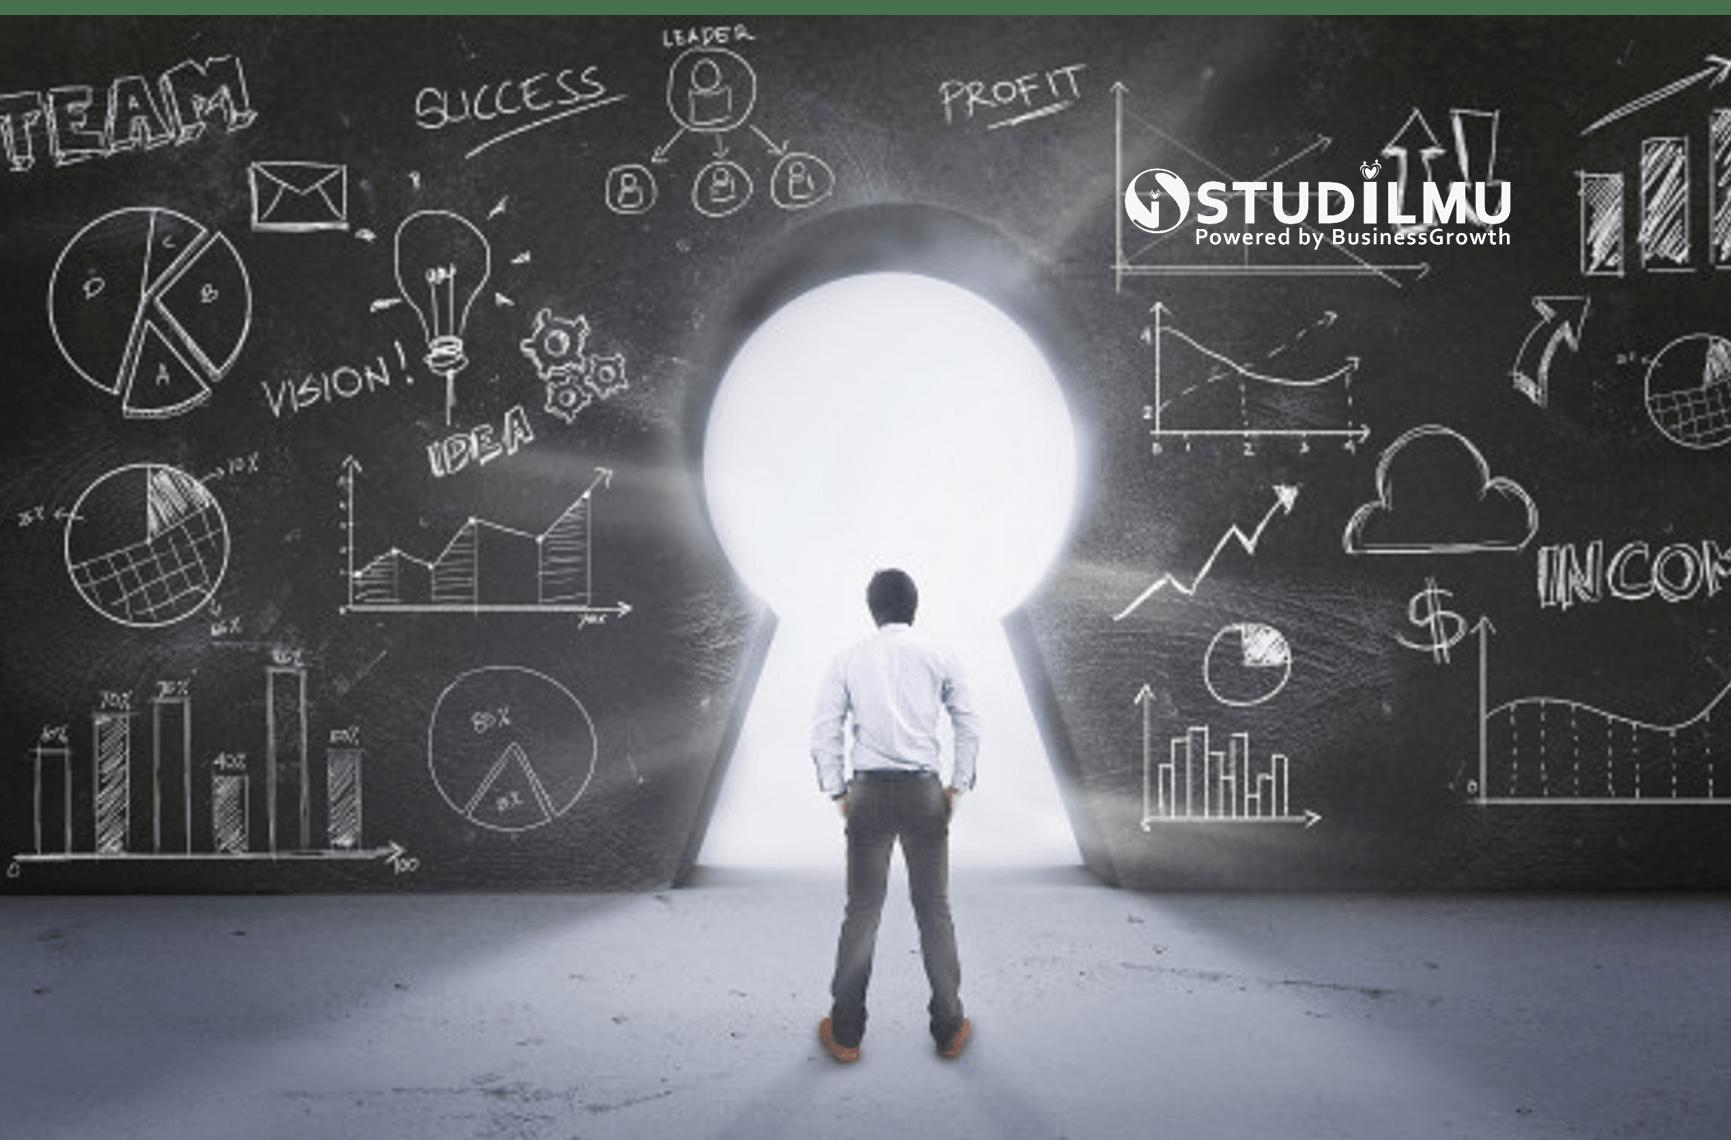 STUDILMU Career Advice - 4 Tips Sukses yang Menyenangkan